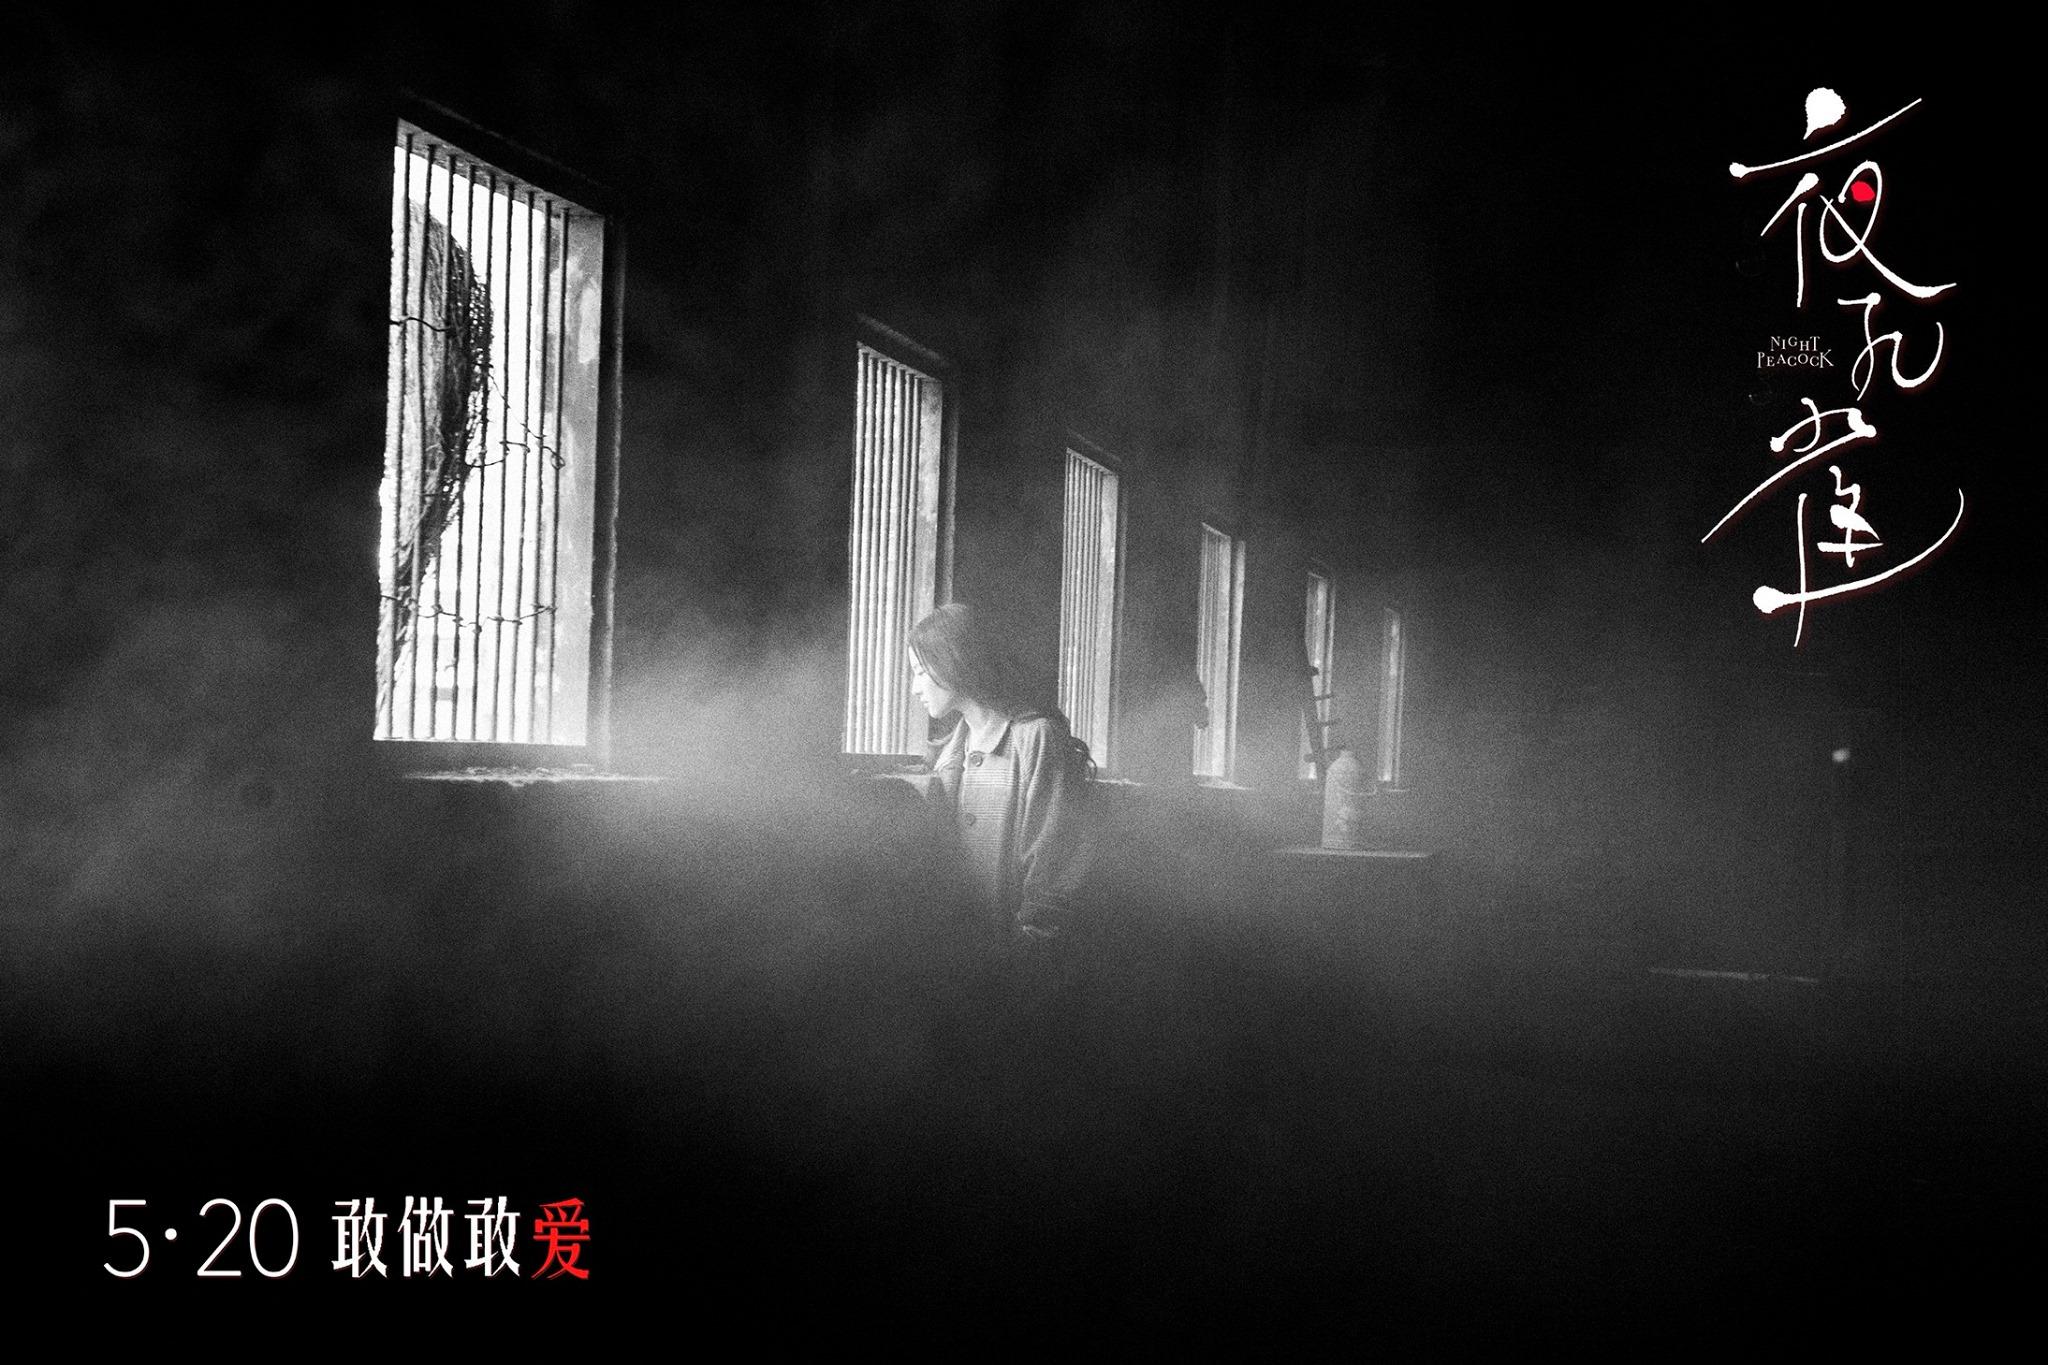 夜孔雀:电影海报剧照图集汇总